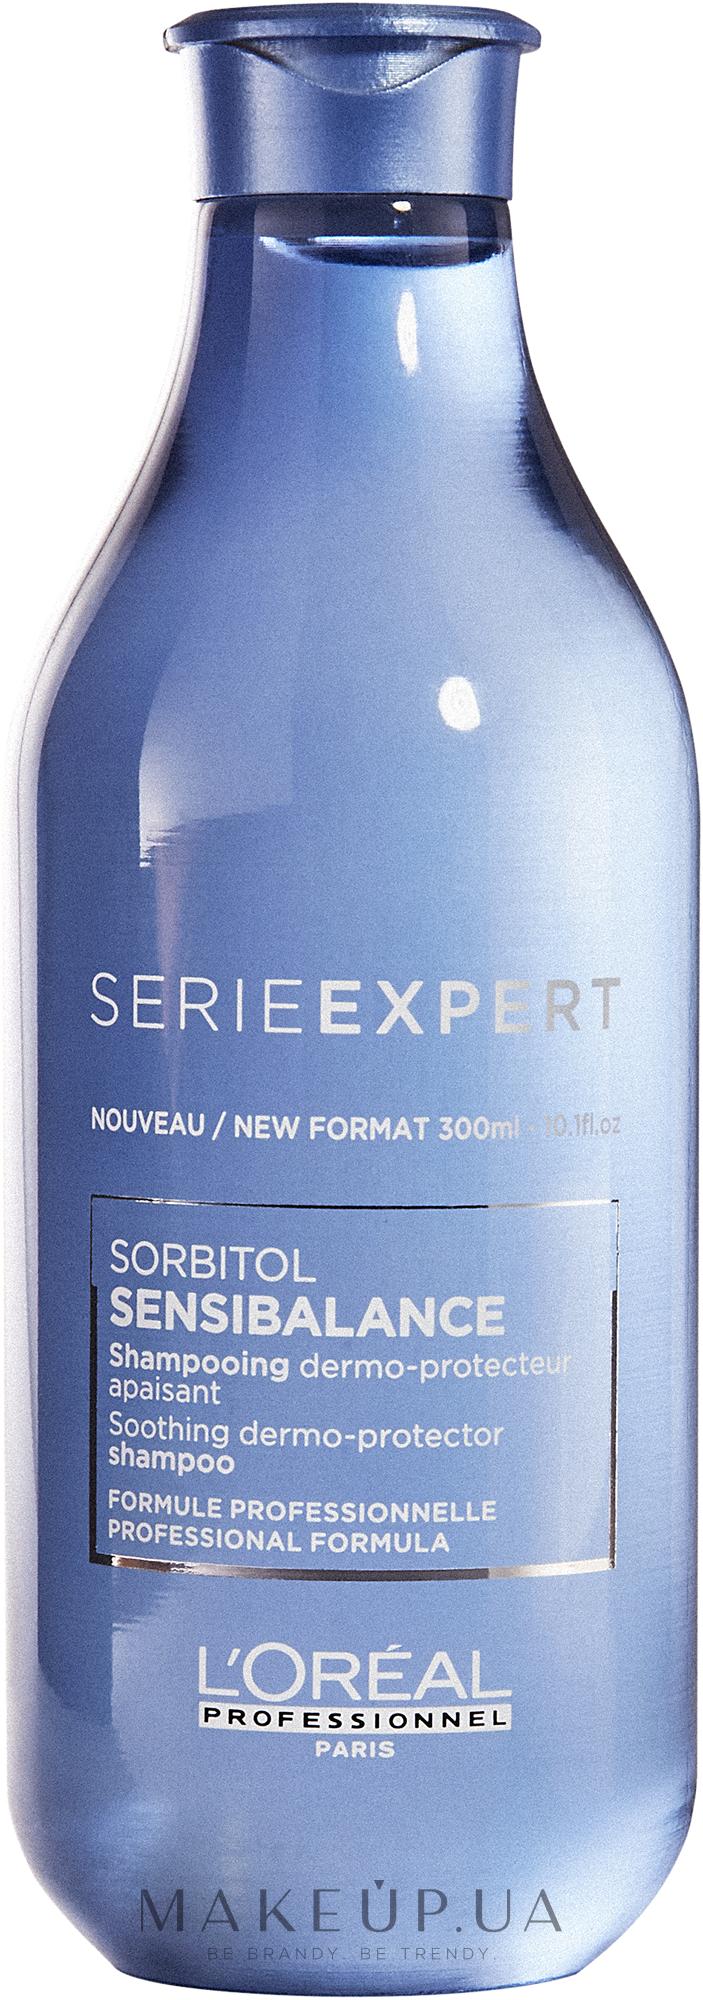 Очищающий шампунь для чувствительной кожи головы - L'Oreal Professionnel Sensi Balance Shampoo — фото 300ml